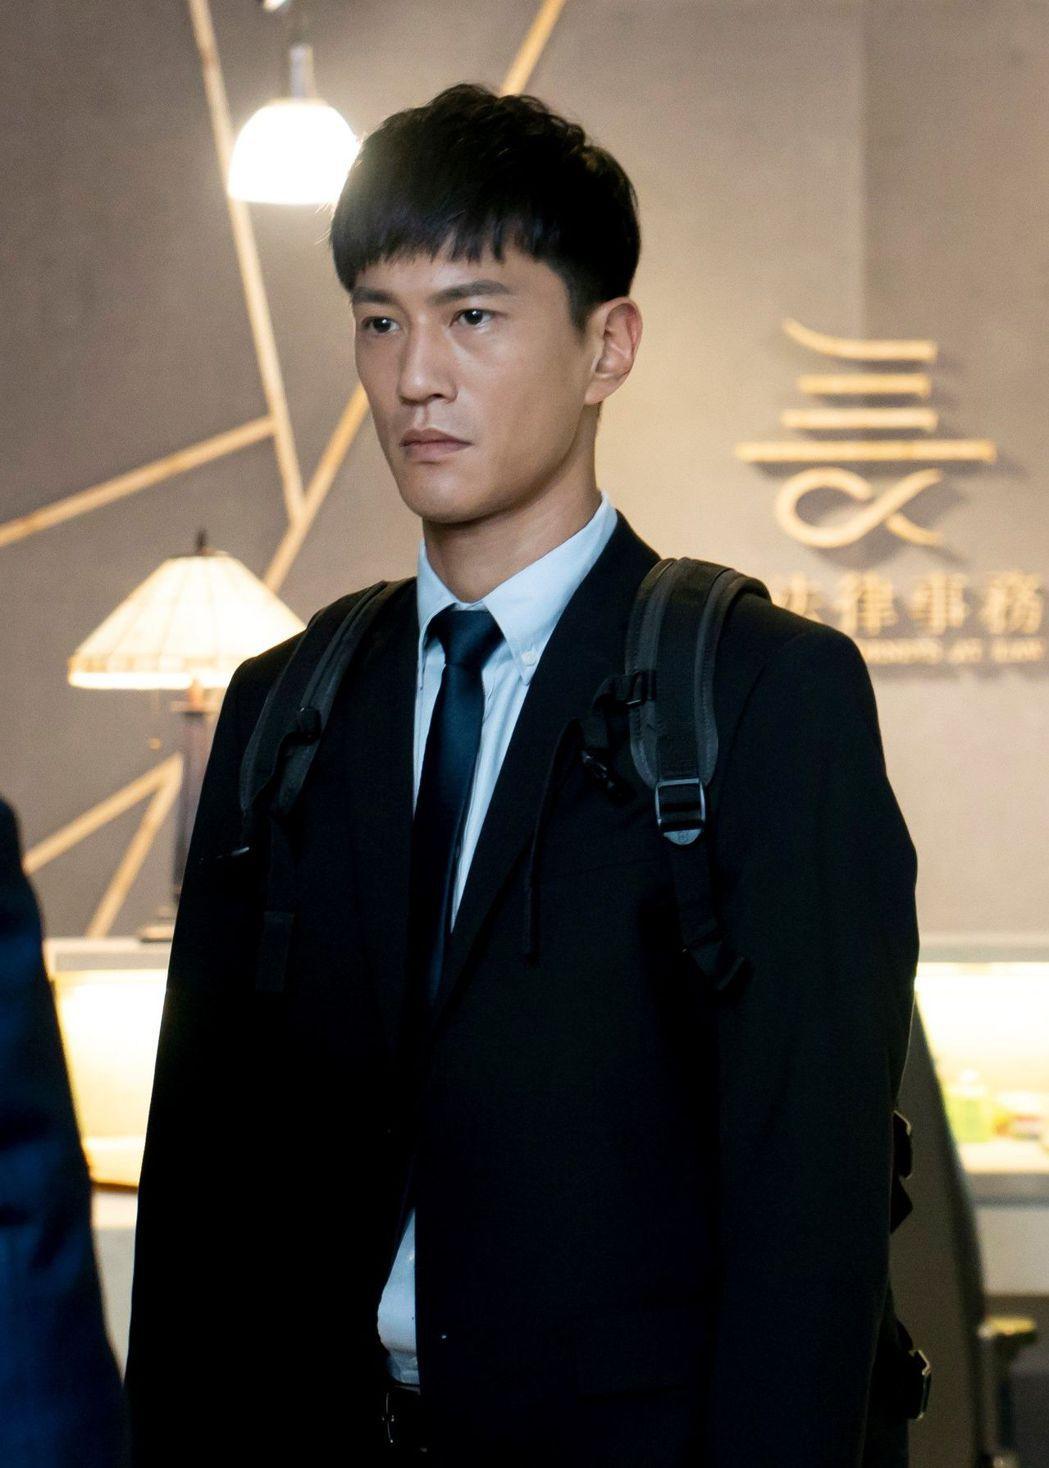 鍾承翰在《最佳利益》飾演實習律師陳博昀。圖/中天提供